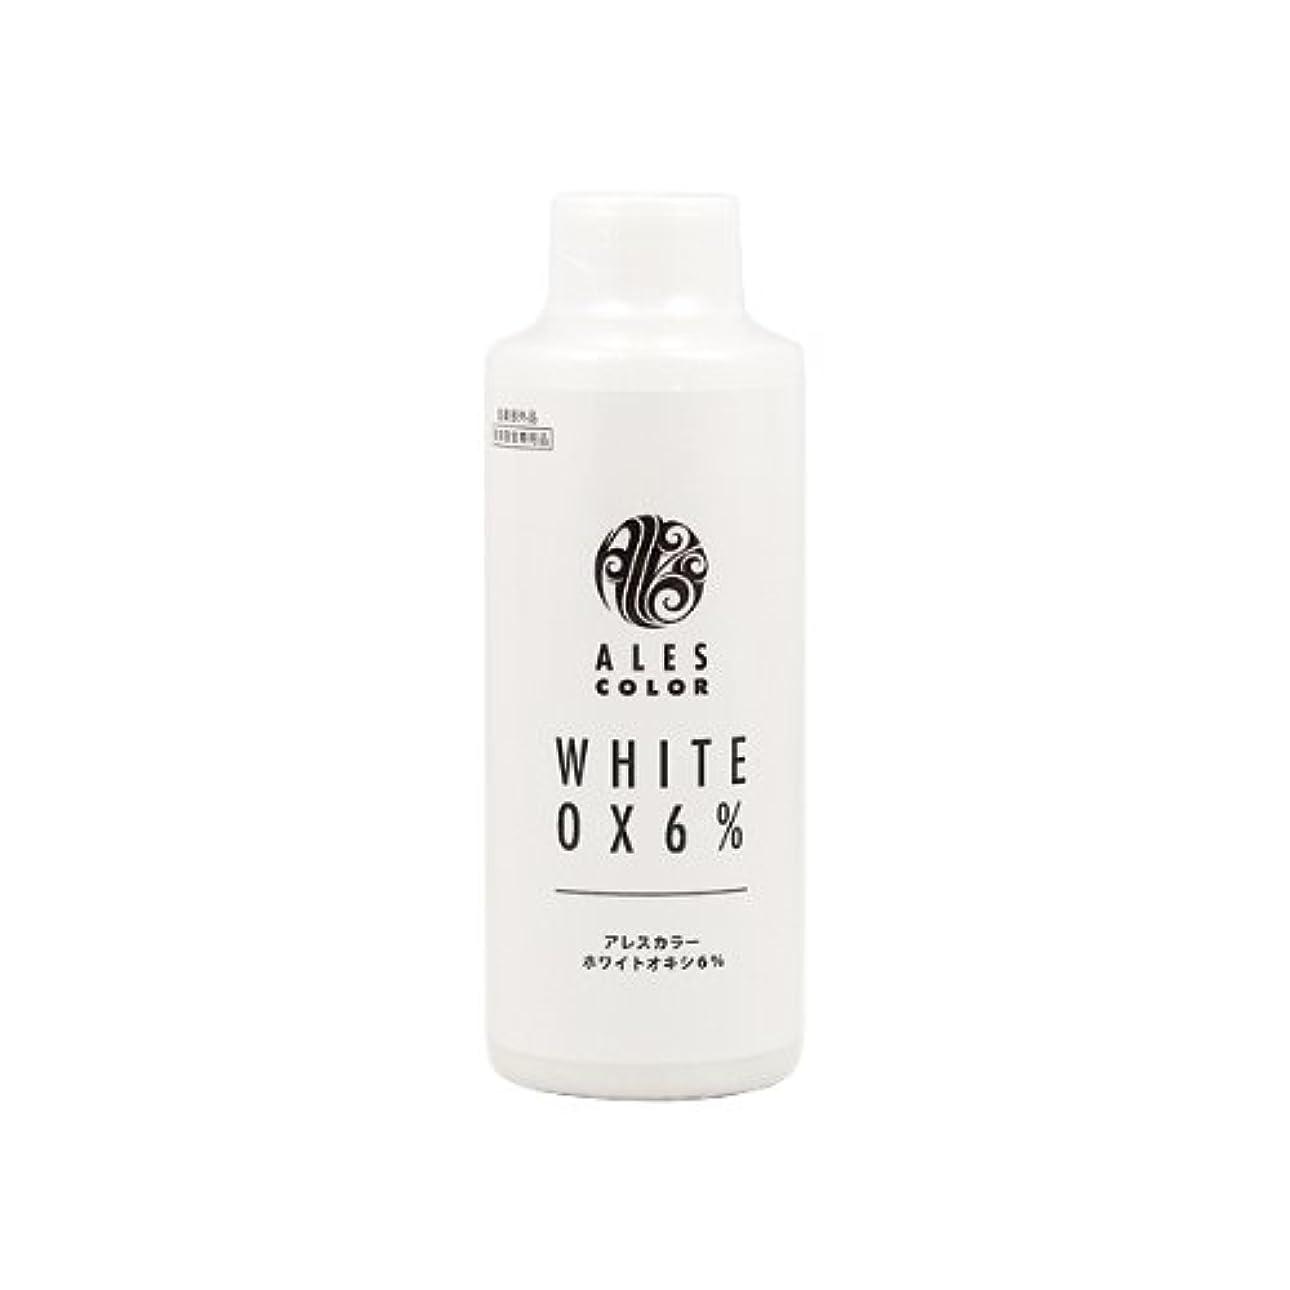 アドバイスぜいたく楽しいアレスインターナショナル アレスカラー ホワイトオキシ6% 120ml